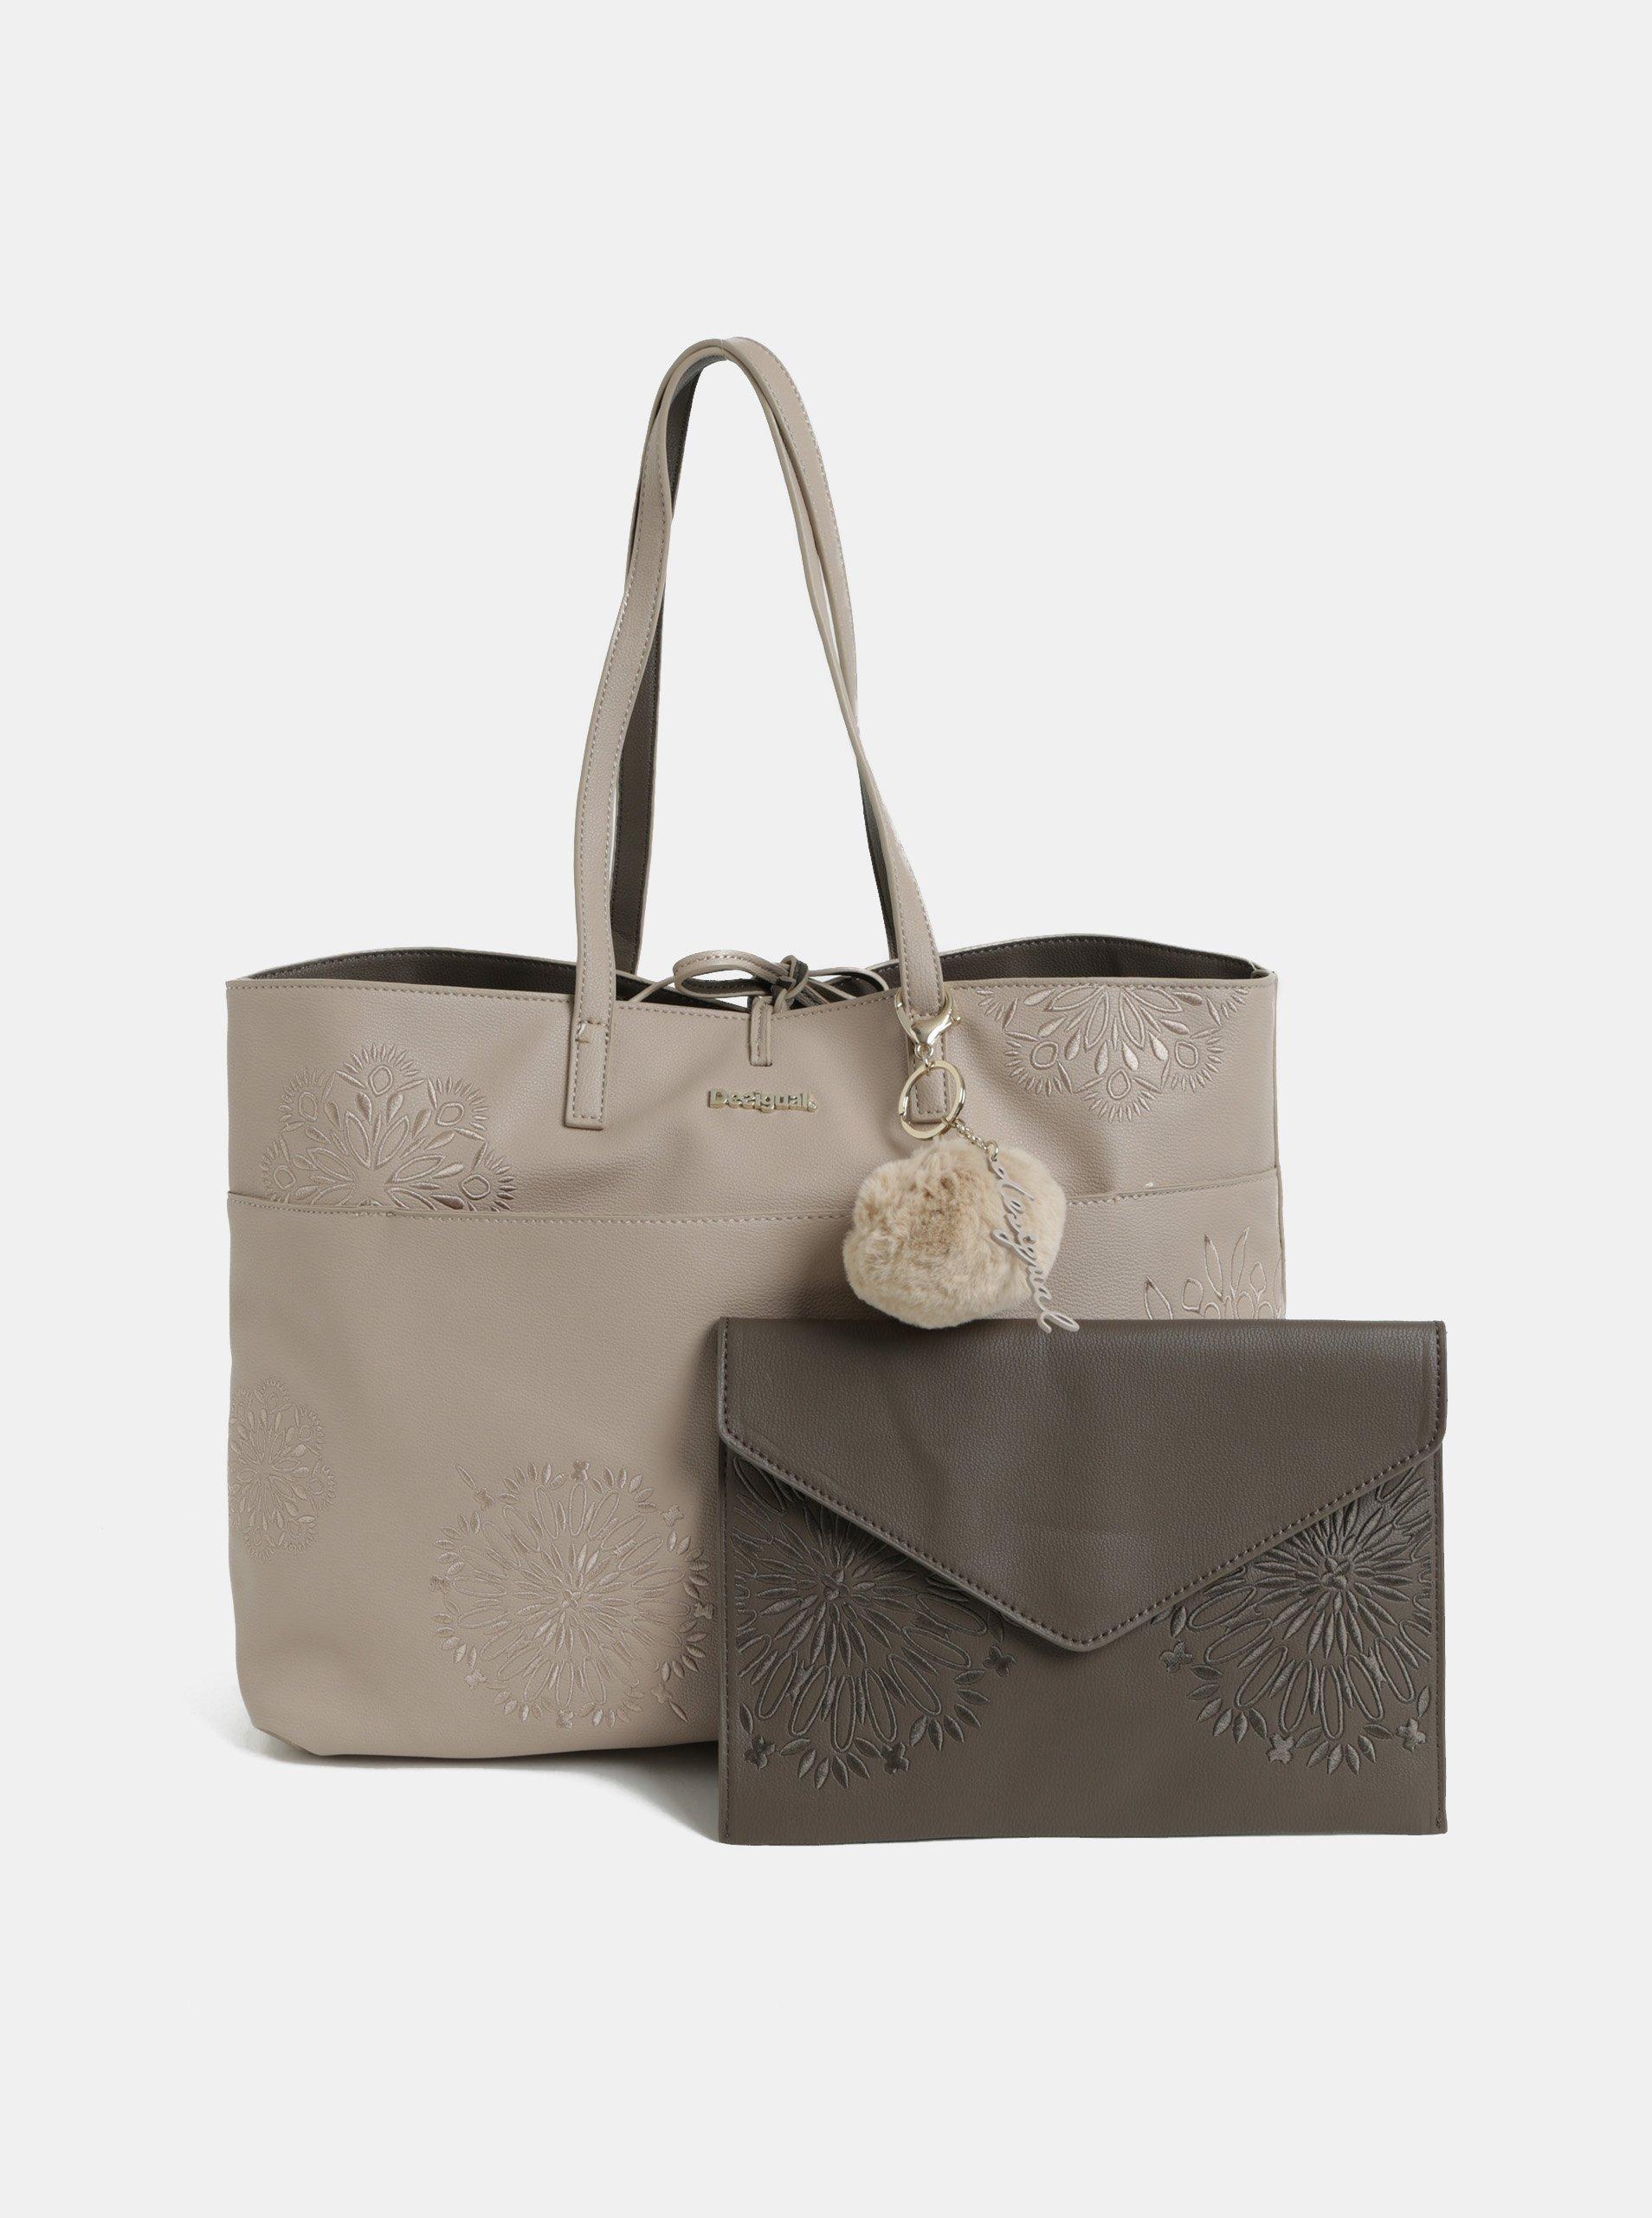 909db55752 Hnedo-krémový obojstranný shopper s listovou kabelkou Desigual Aleida